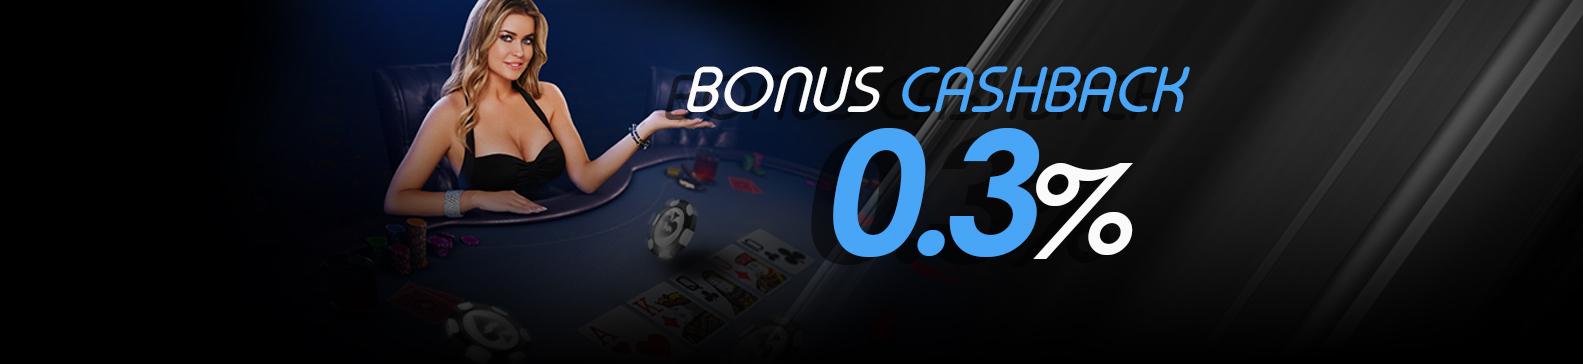 Lintasqq Domino Qq Poker Online Domino Online Lintasqq Agen Domino Qq Bandar Judi Poker Online Qiu Qiu Online 99 Dewa Poker